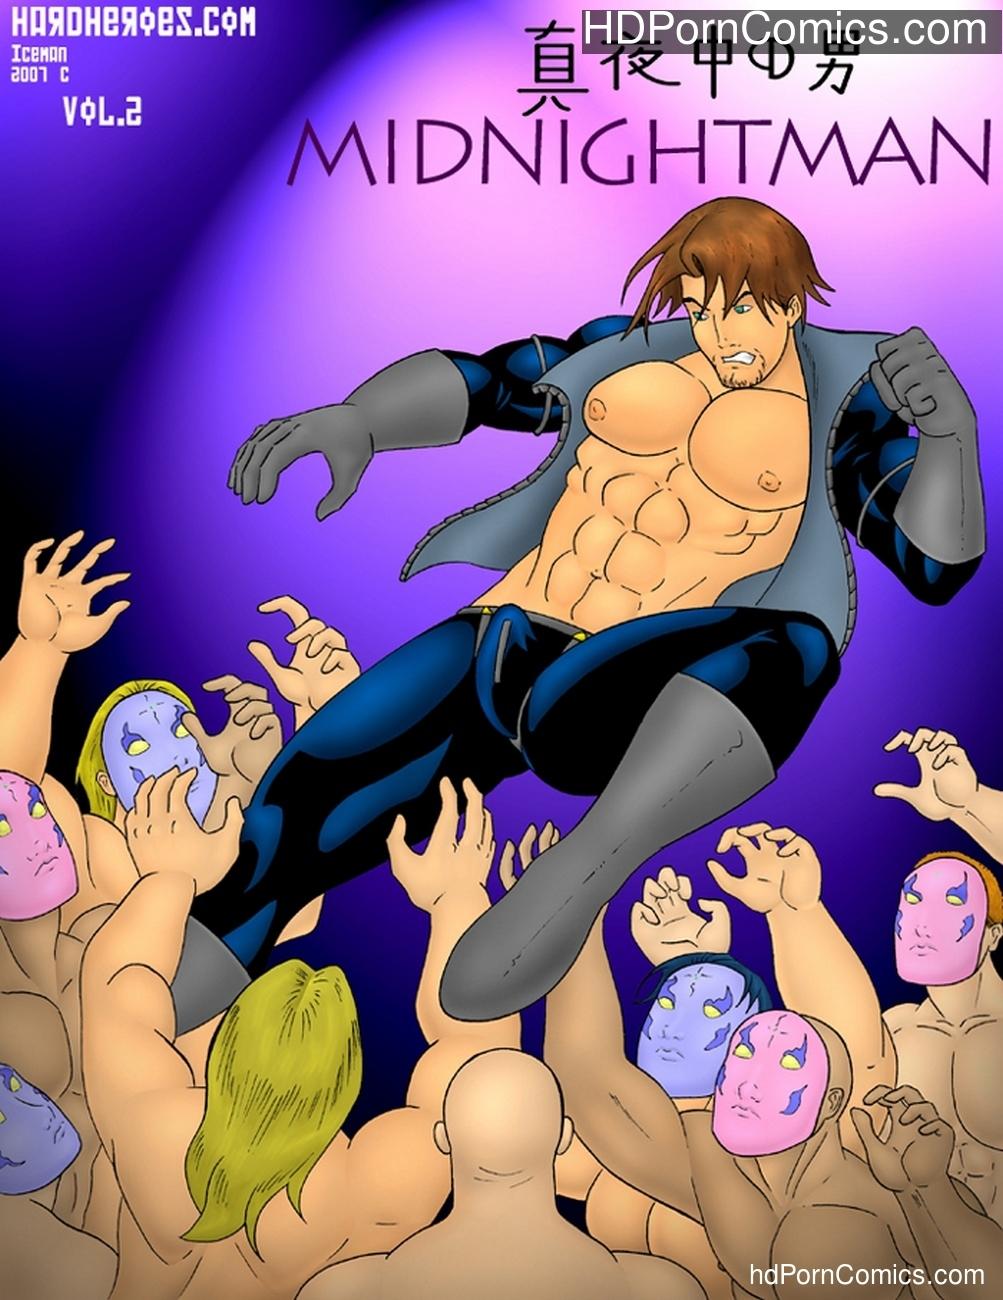 Midnightman 2 Sex Comic